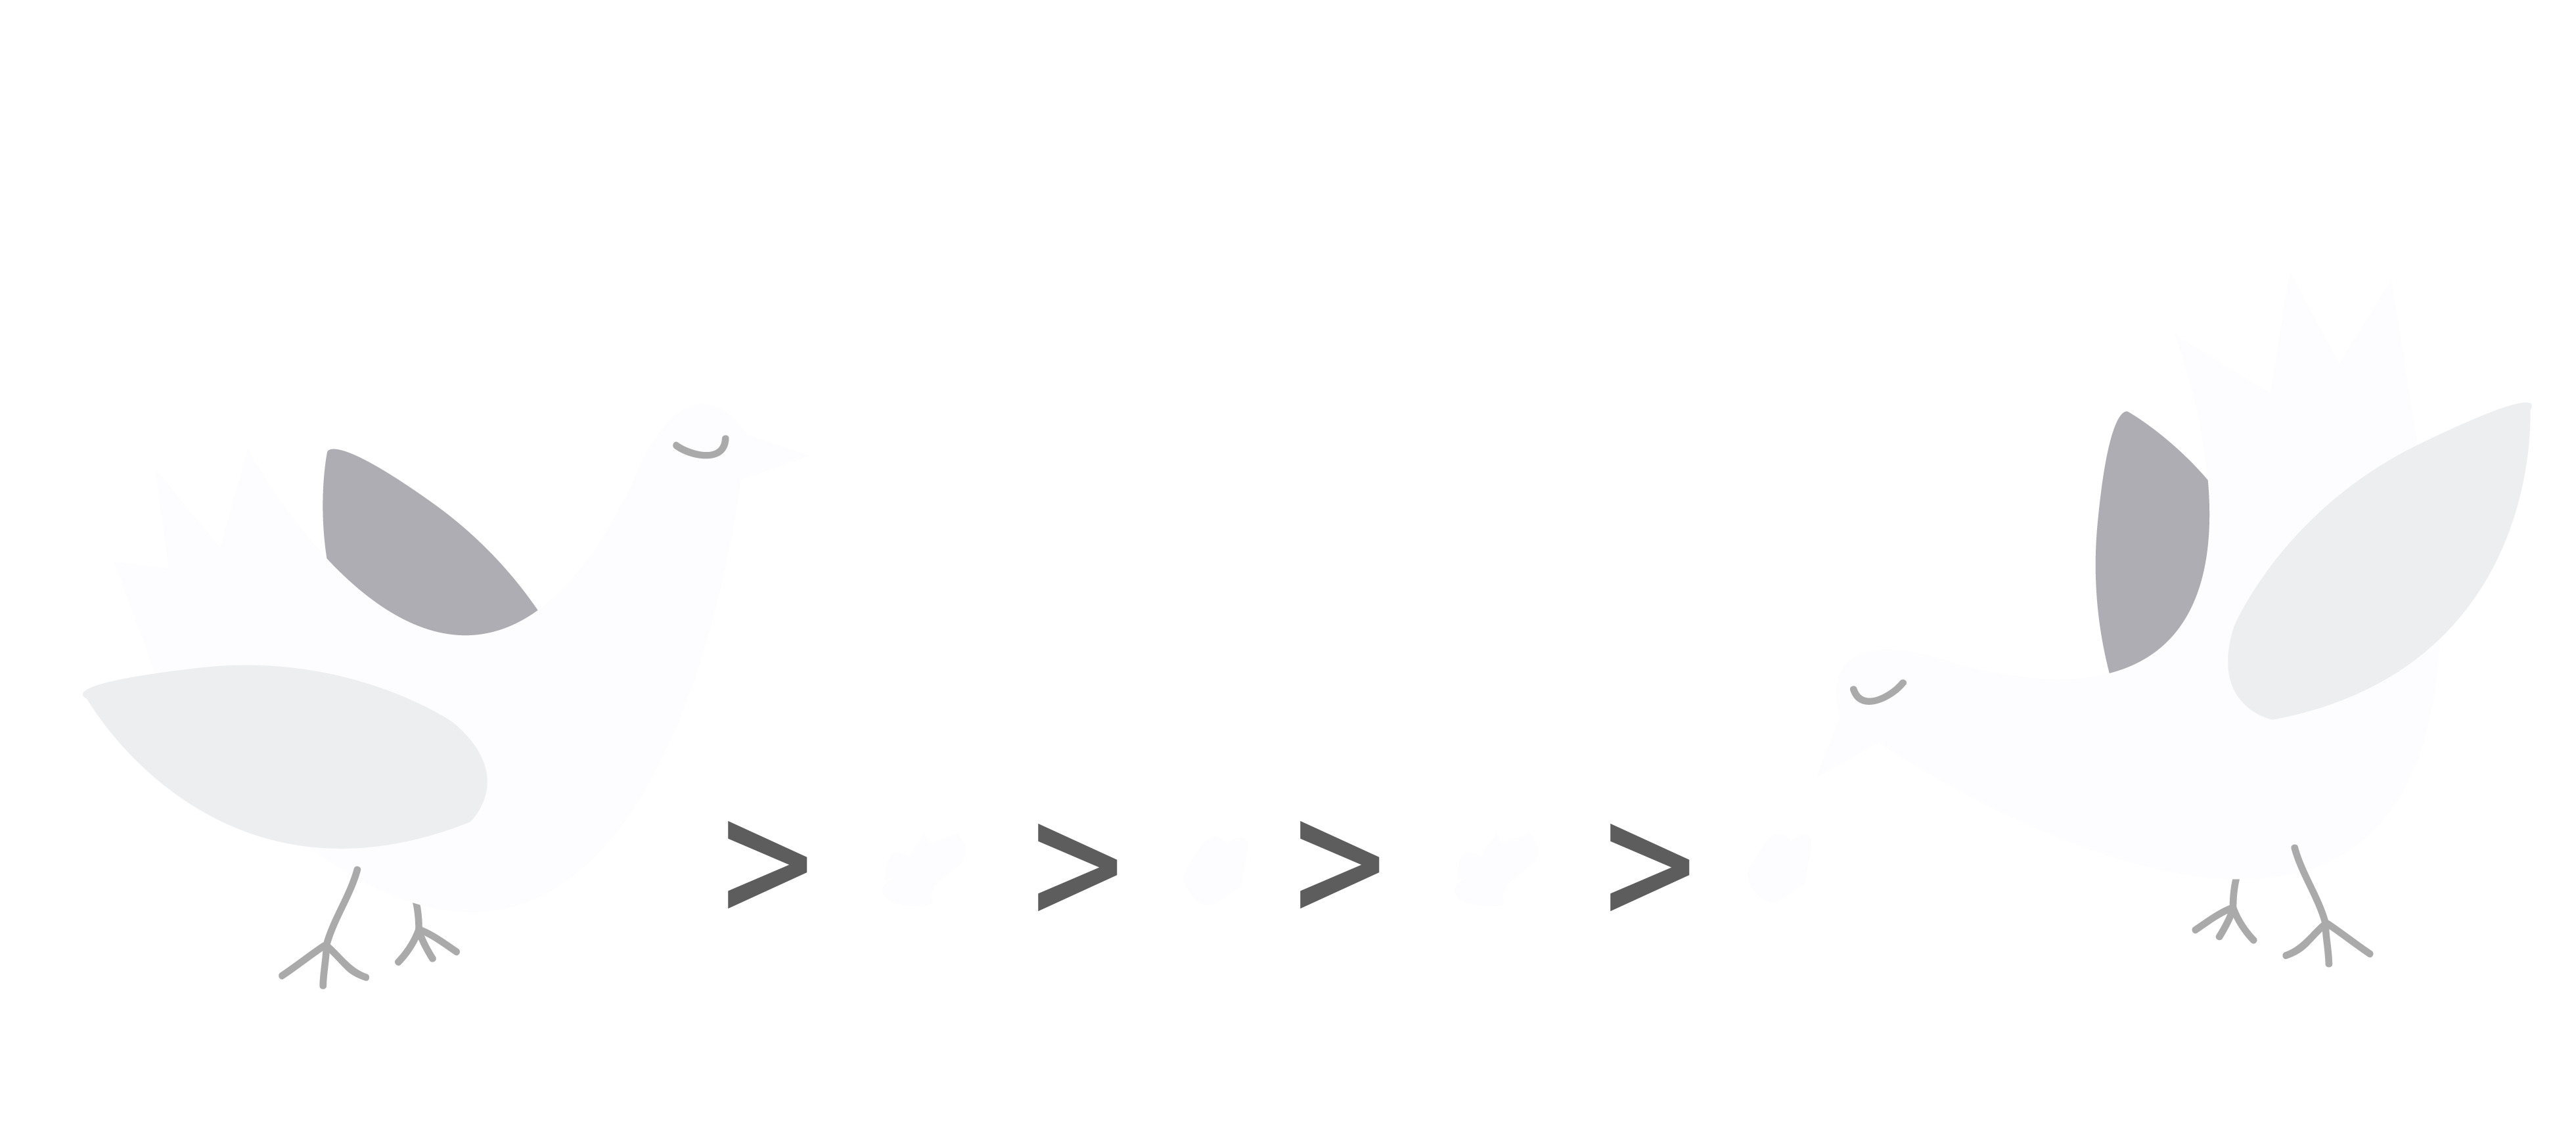 breadcrumbs-pidgeons-awwwards